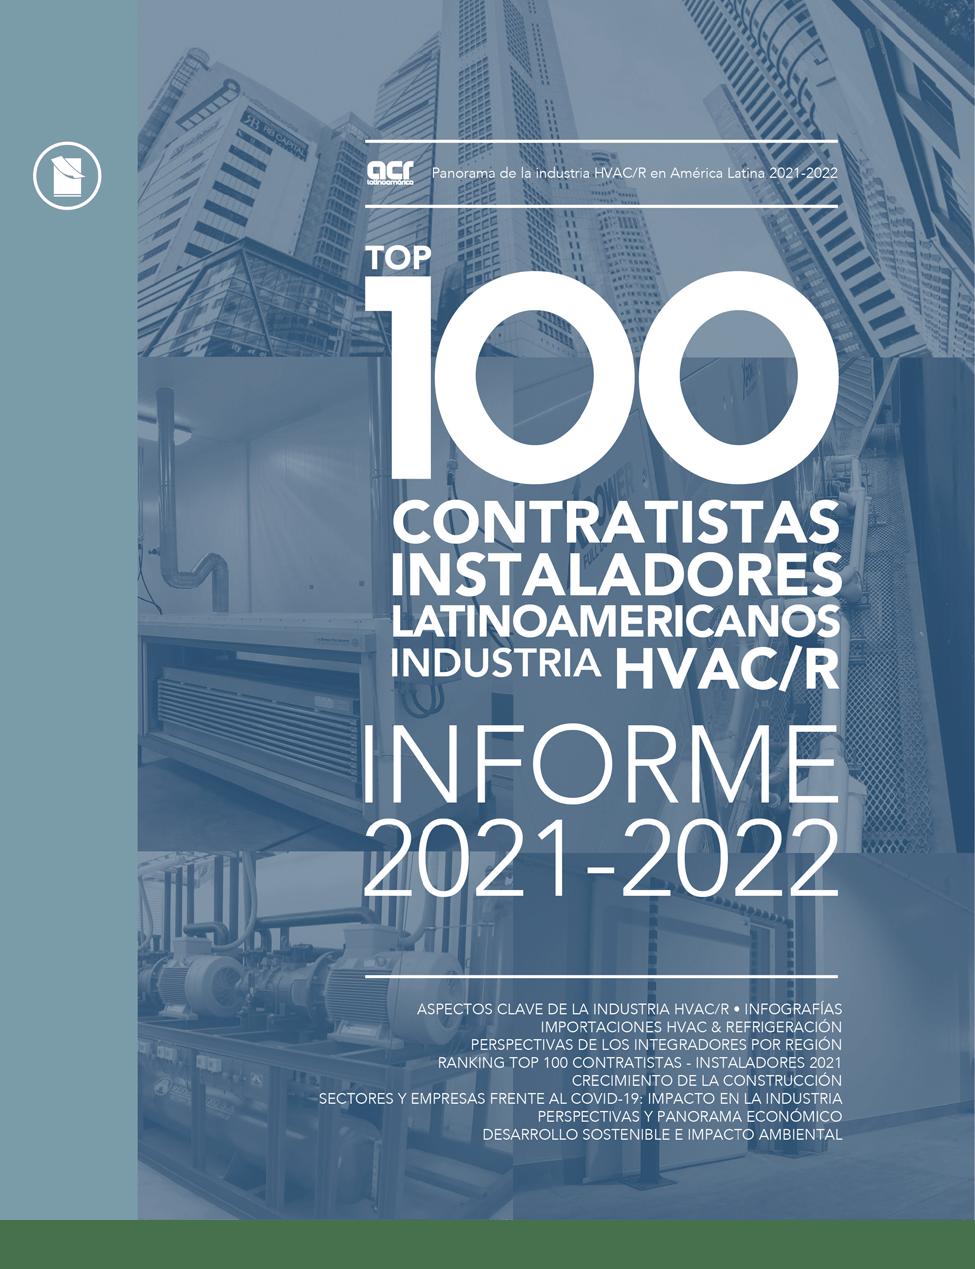 TOP 100 CONTRATISTAS • INSTALADORES EN HVACR • 2021-2022 Image